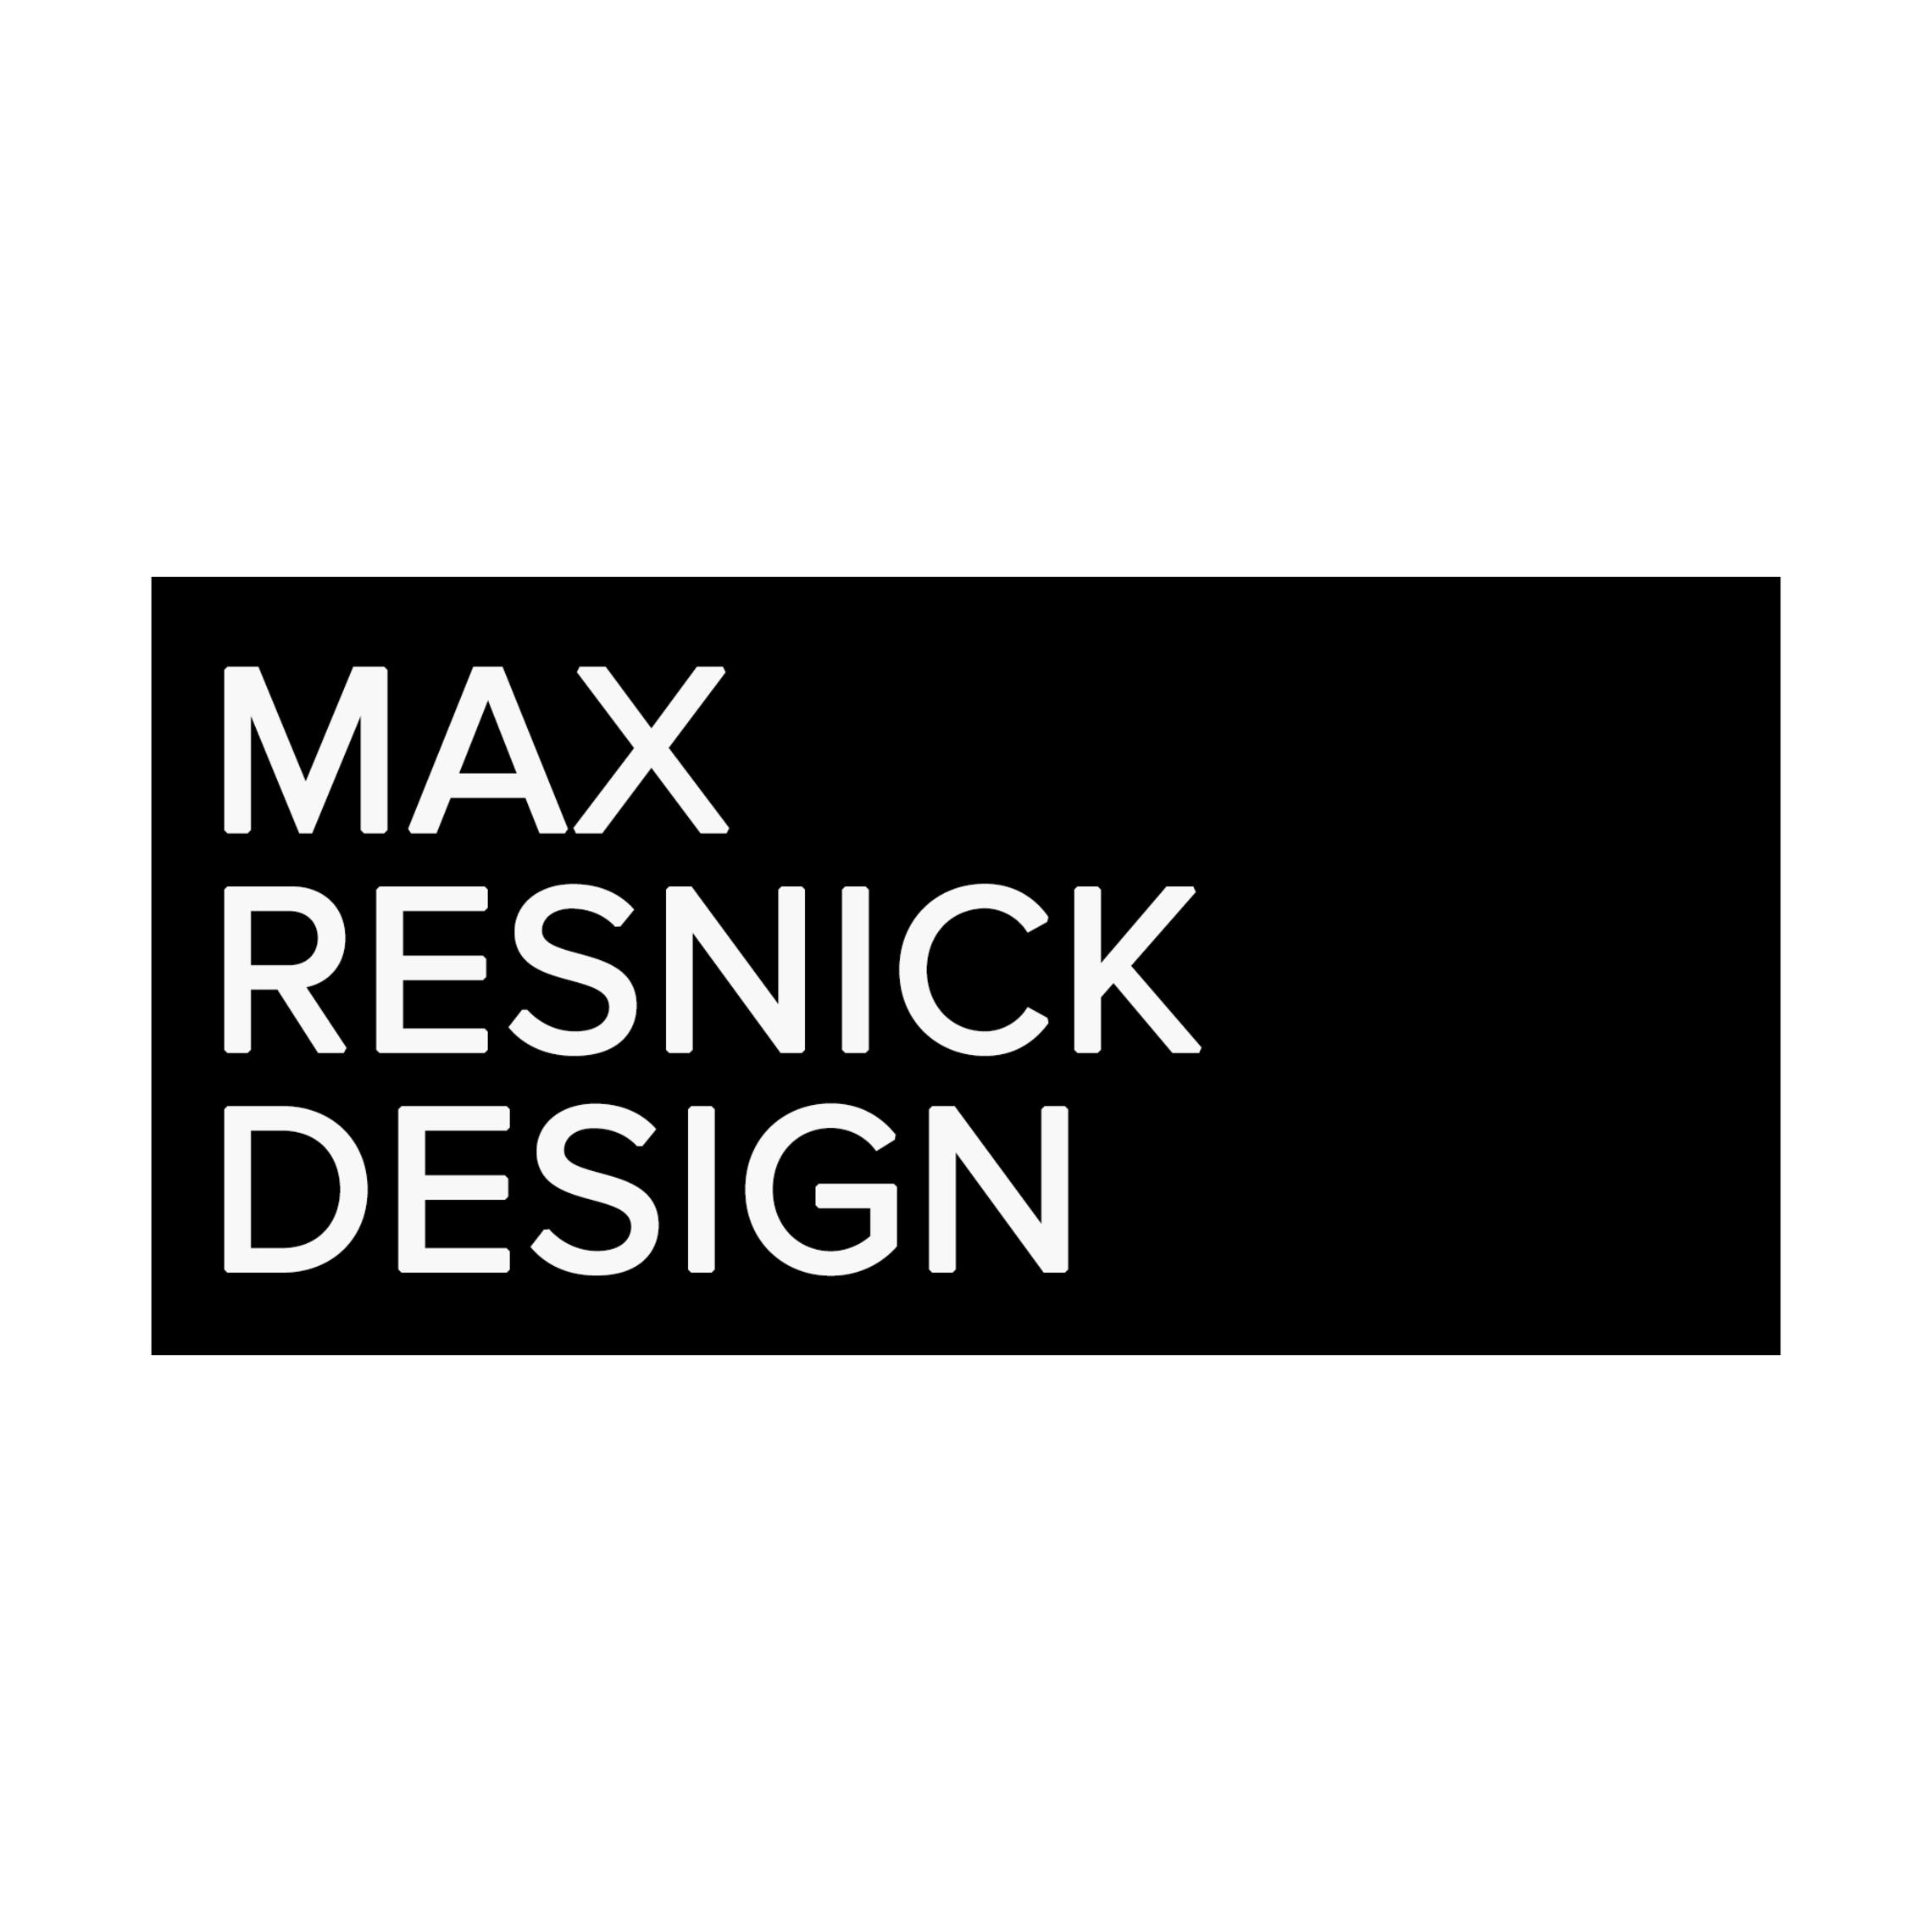 max resnick design- company logo